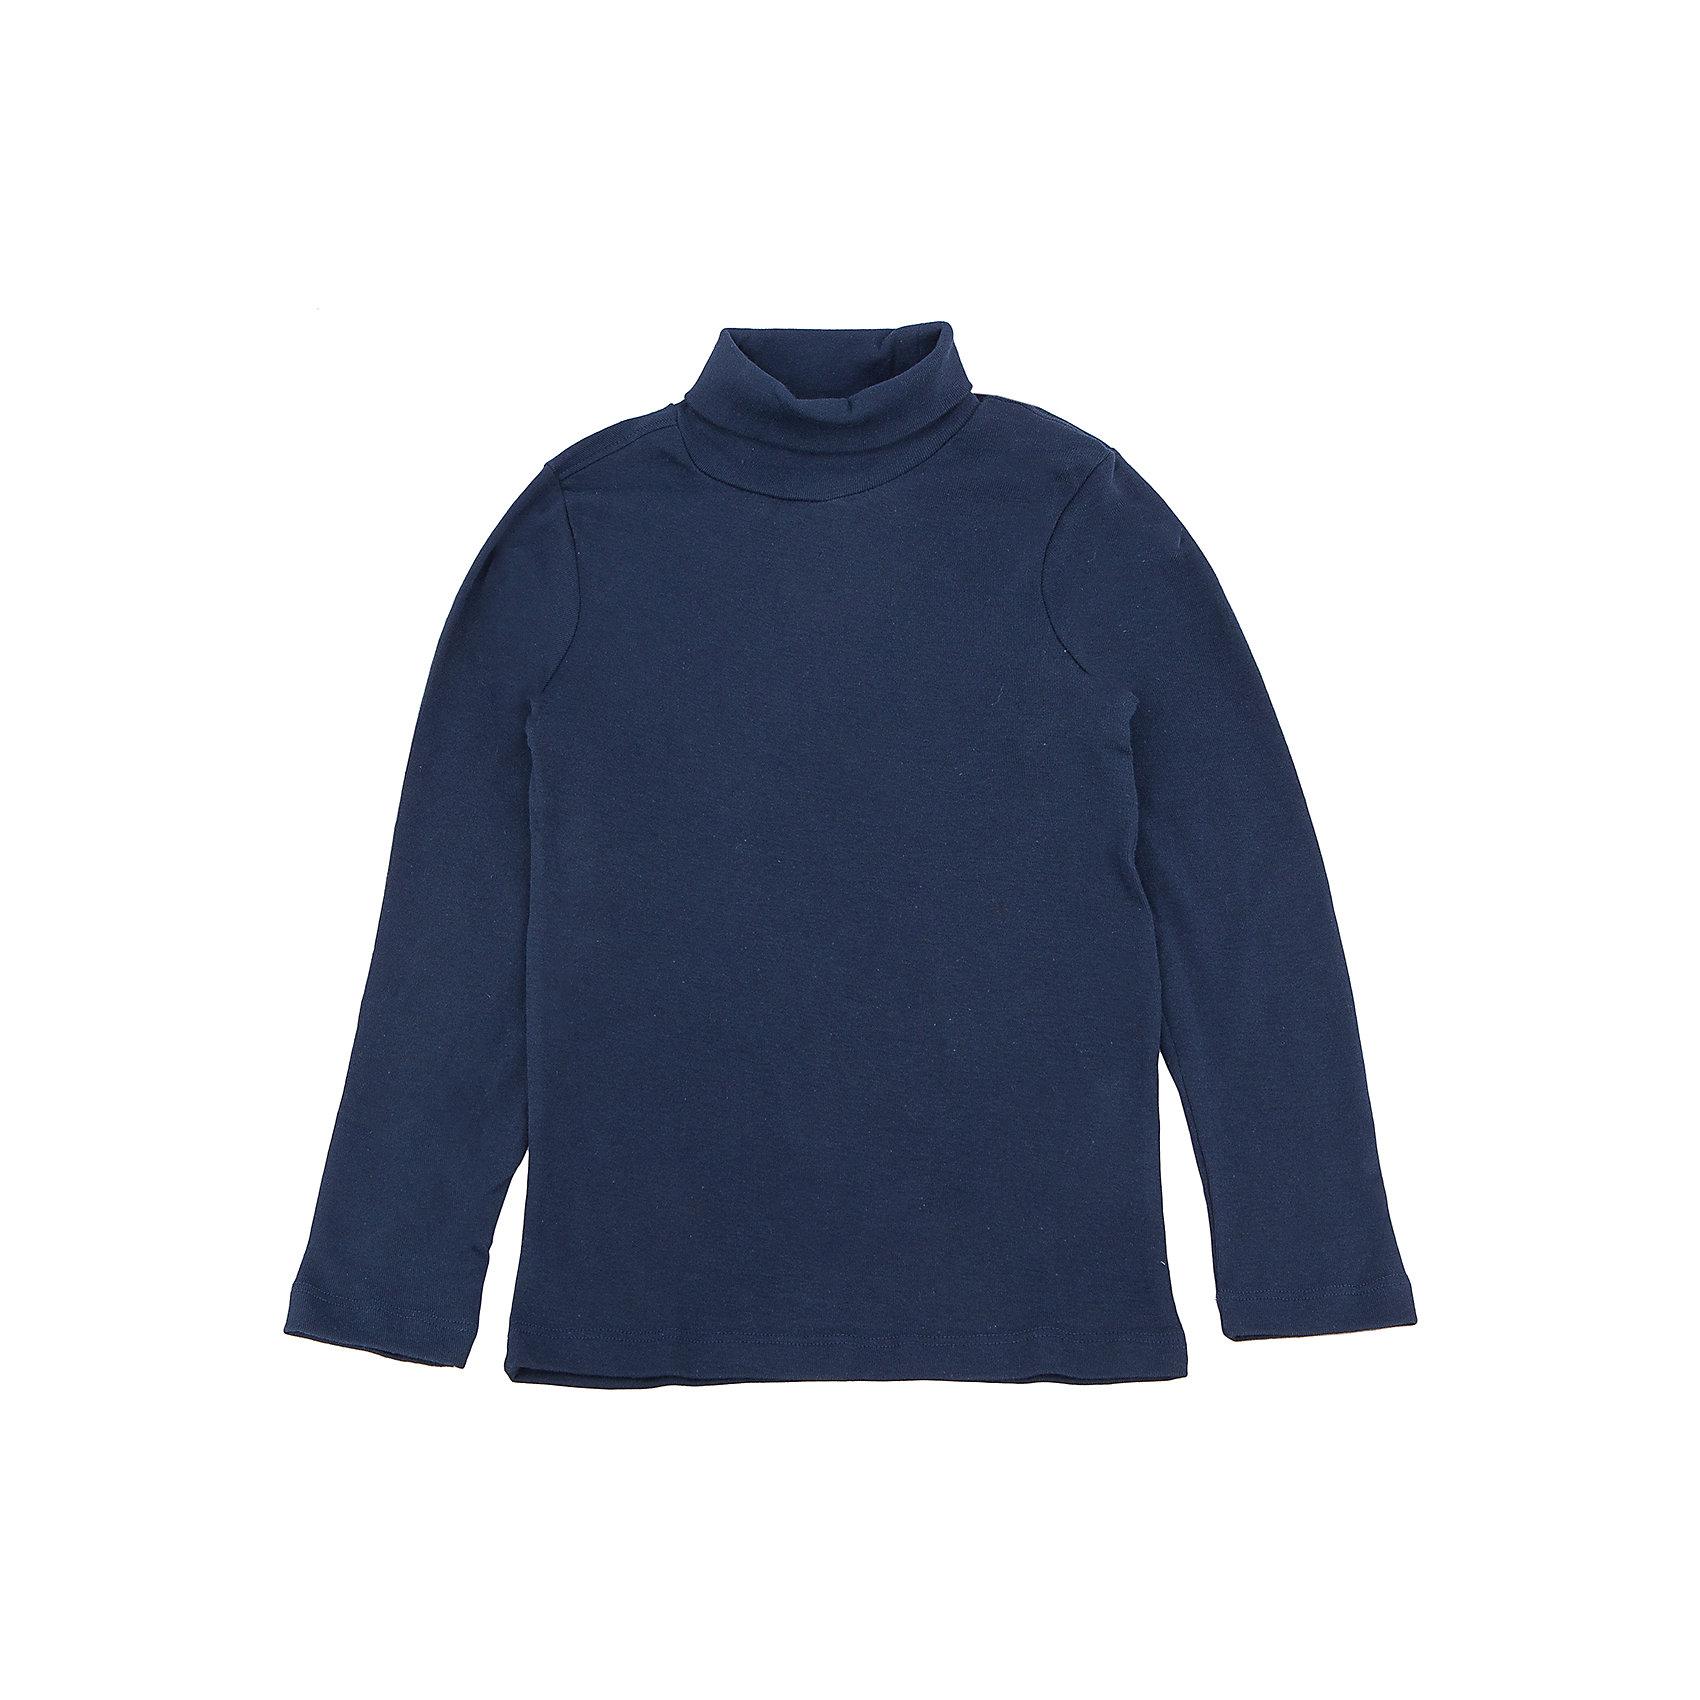 Водолазка для мальчикаВодолазки<br>Водолазка для мальчика из коллекции осень-зима 2016-2017 от известного бренда SELA. Удобный хлопковый джемпер на каждый день. Приятный темно-синий цвет в сочетании с классическим дизайном придет по вкусу вашему ребенку. Джемпер отлично подойдет как к брюкам, так и к джинсам.<br><br>Дополнительная информация:<br>- Рукав: длинный<br>- Силуэт: прямой<br>Состав: 100% хлопок <br><br>Джемпер для мальчиков Sela можно купить в нашем интернет-магазине.<br><br>Подробнее:<br>• Для детей в возрасте: от 2 до 6 лет<br>• Номер товара: 4913556<br>Страна производитель: Багладеш<br><br>Ширина мм: 190<br>Глубина мм: 74<br>Высота мм: 229<br>Вес г: 236<br>Цвет: синий<br>Возраст от месяцев: 24<br>Возраст до месяцев: 36<br>Пол: Мужской<br>Возраст: Детский<br>Размер: 98,92,110,116,104<br>SKU: 4913555